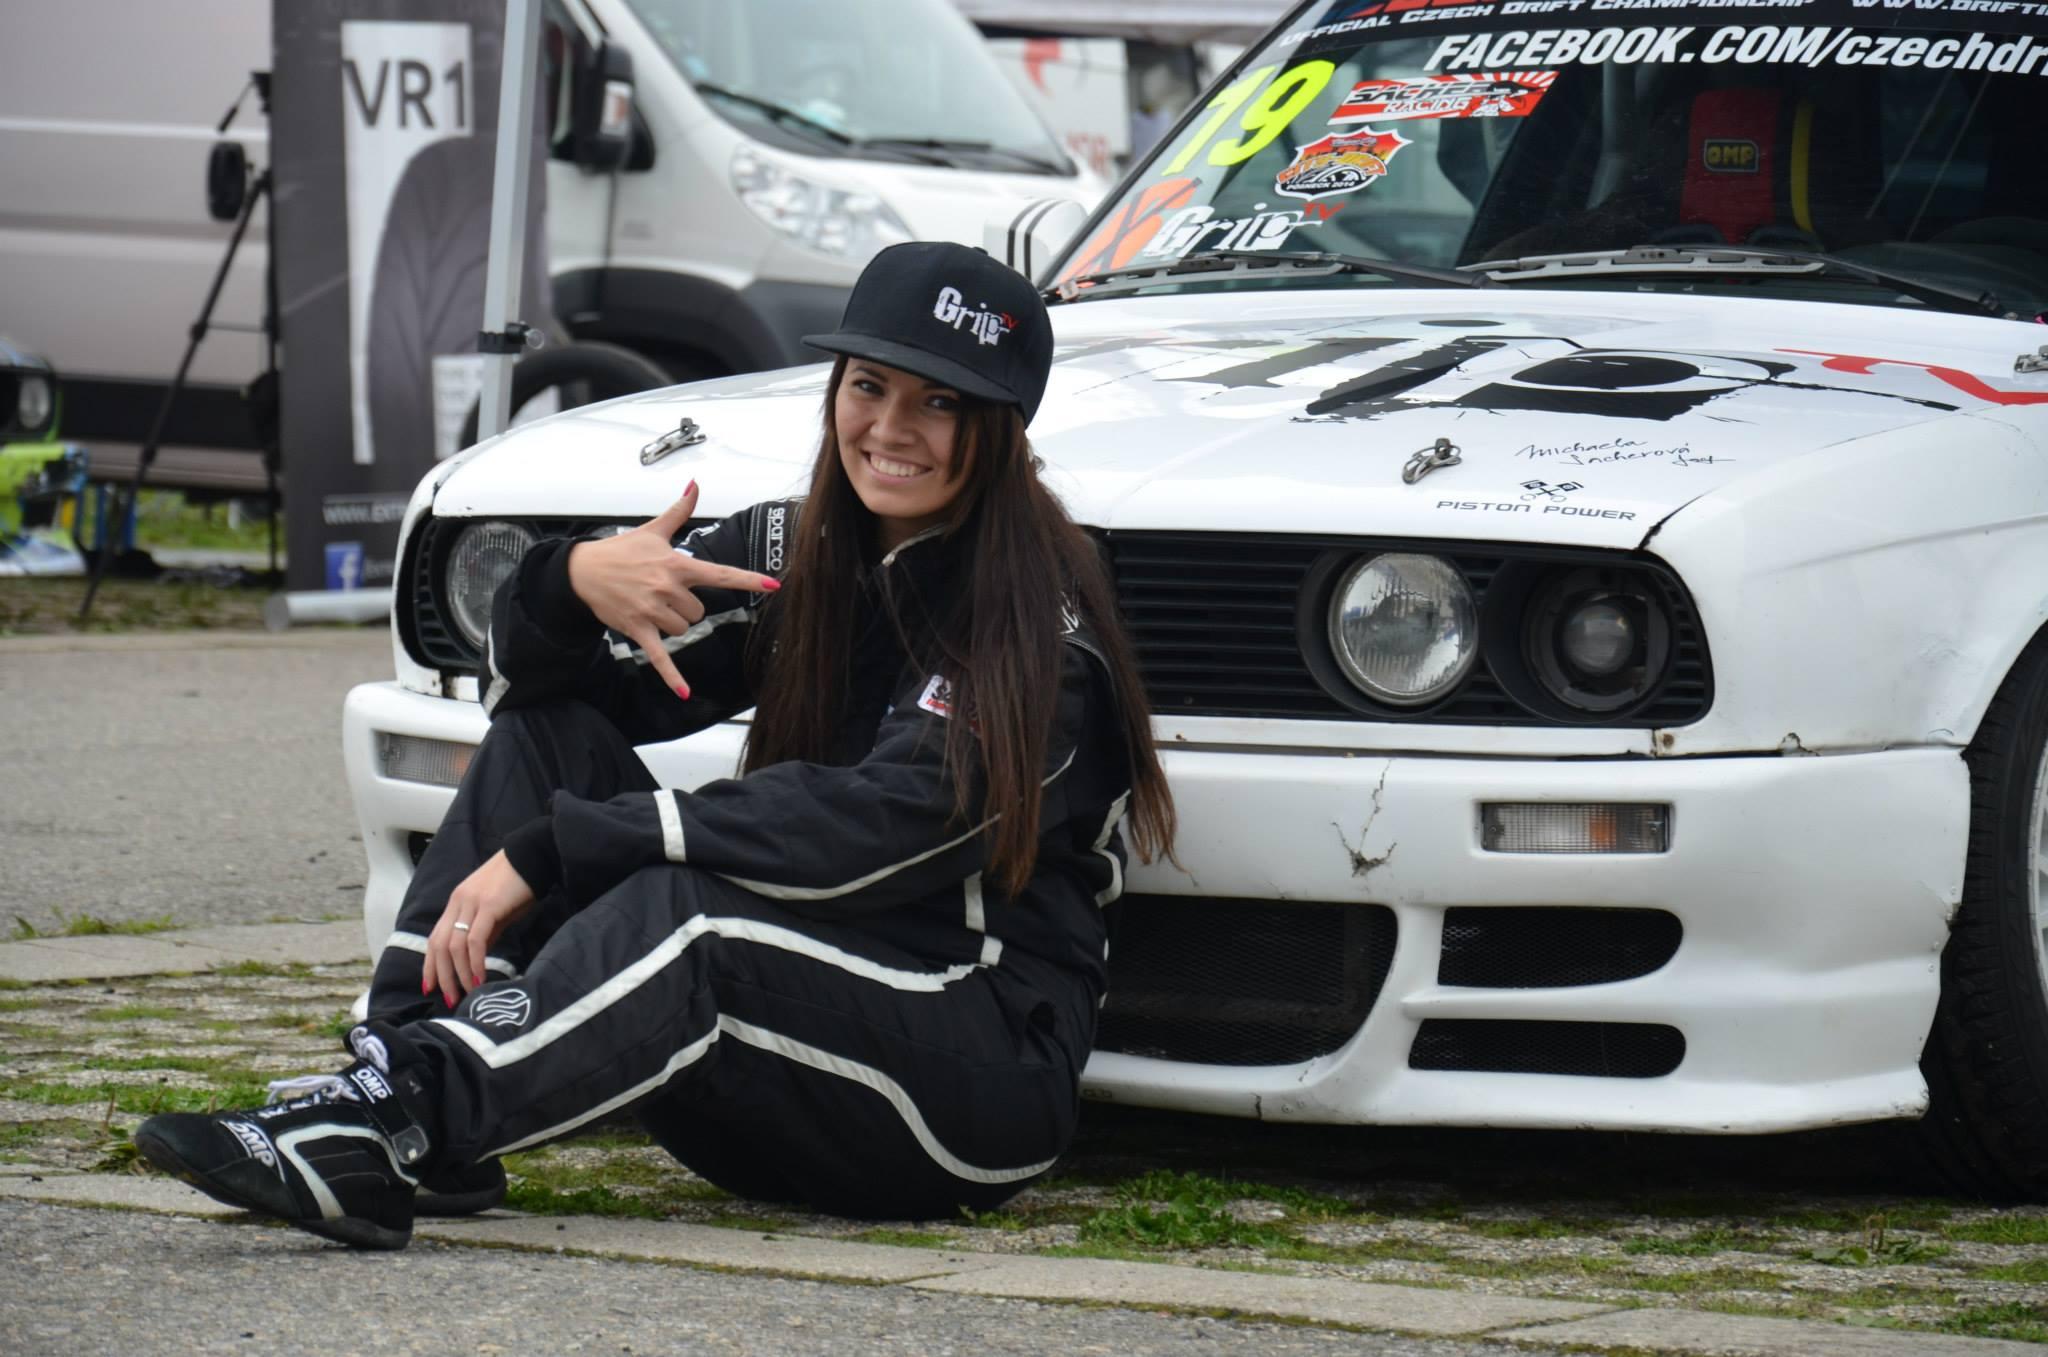 Drift Girl From Czech Republic